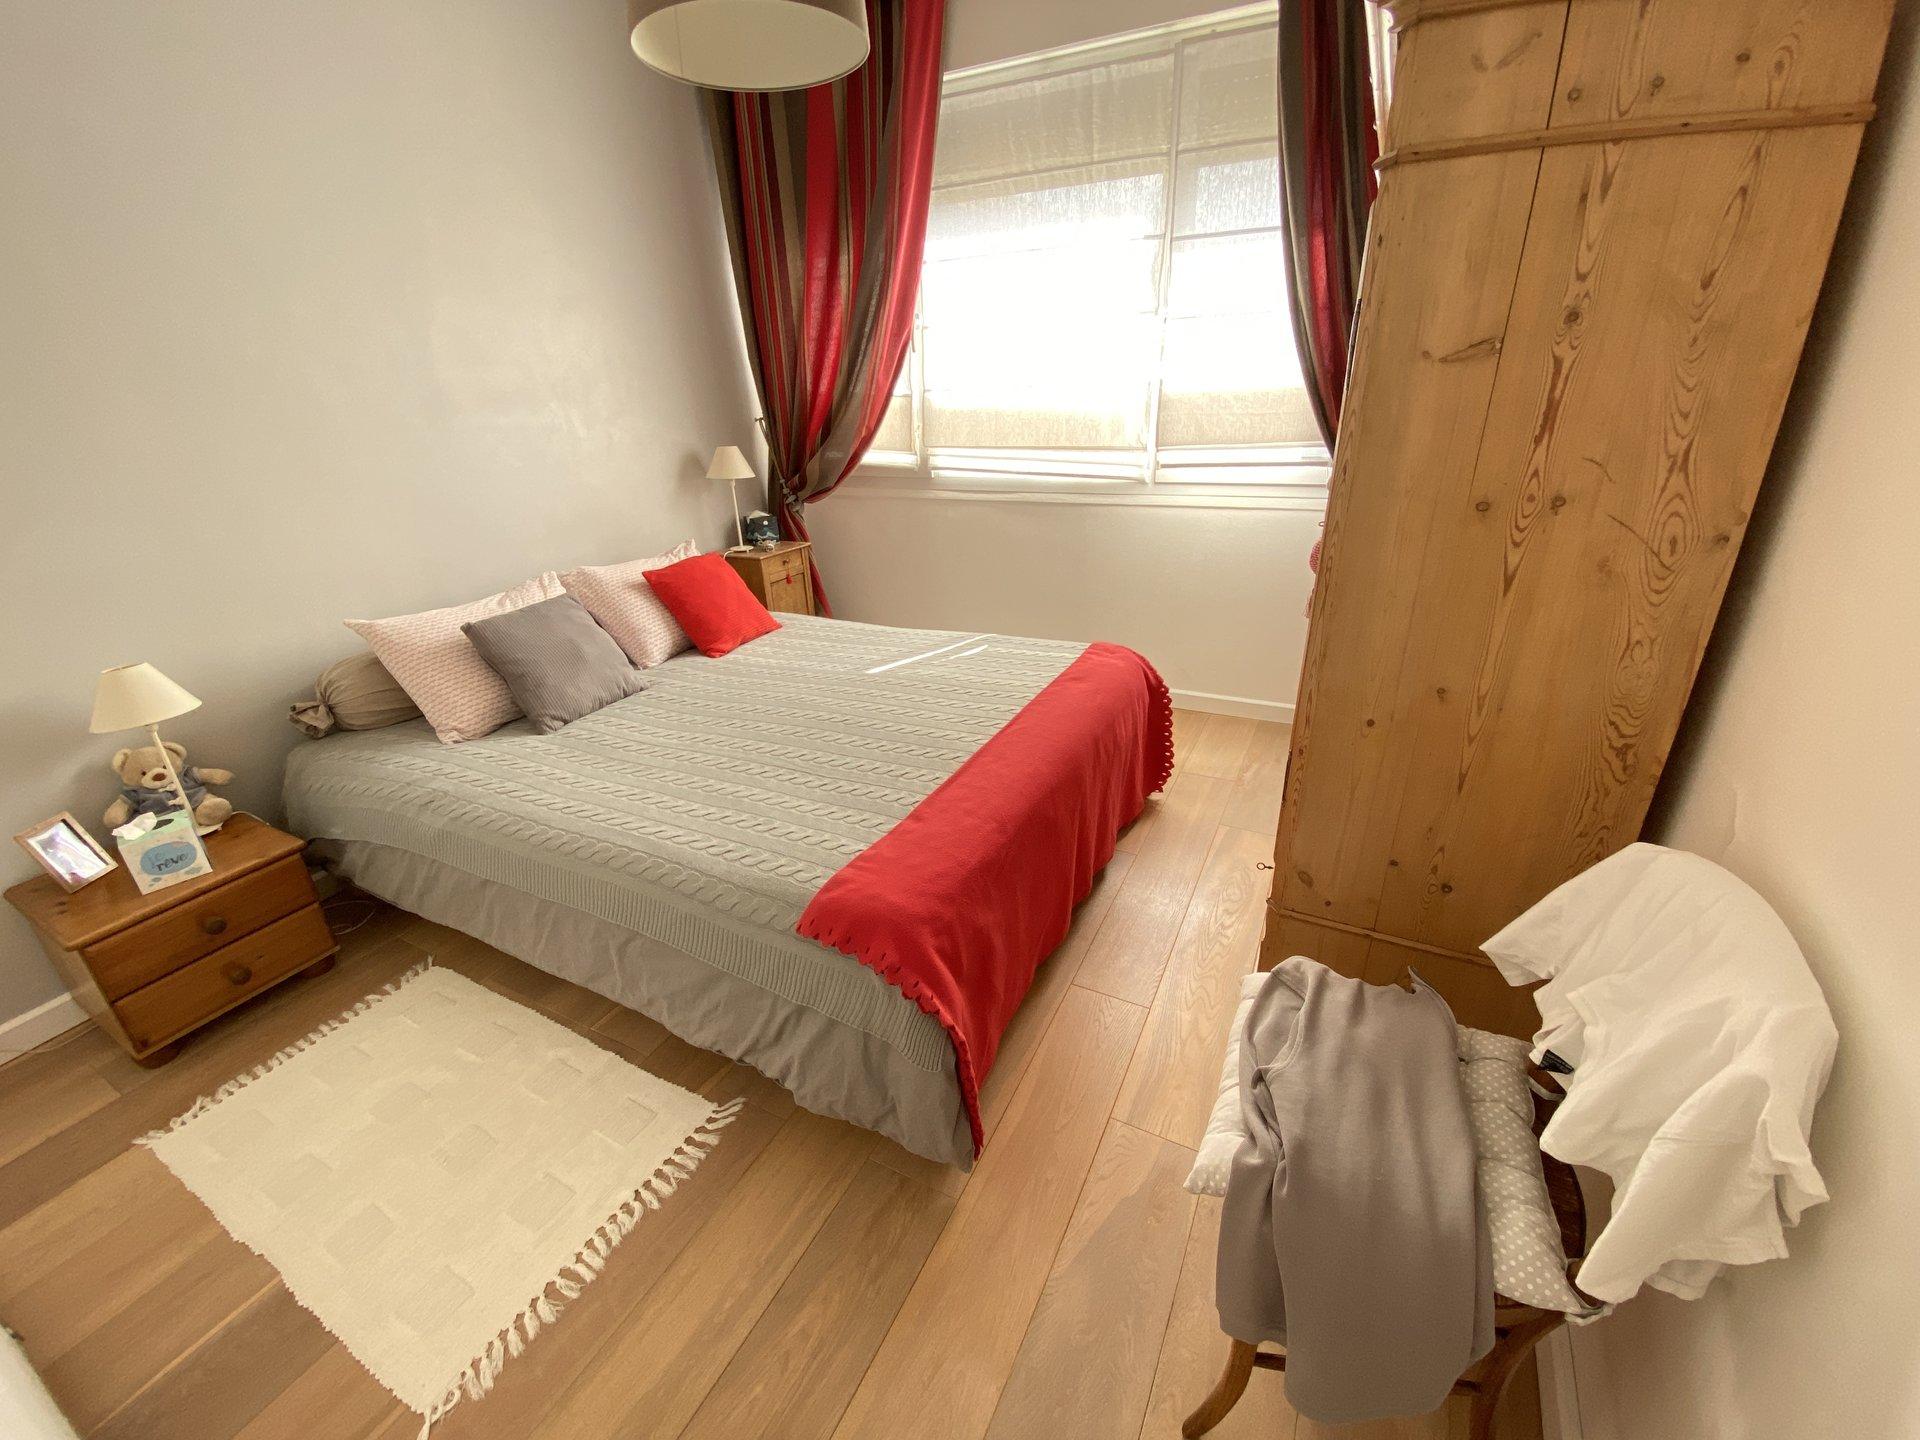 Appartement 3 chambres excellent état